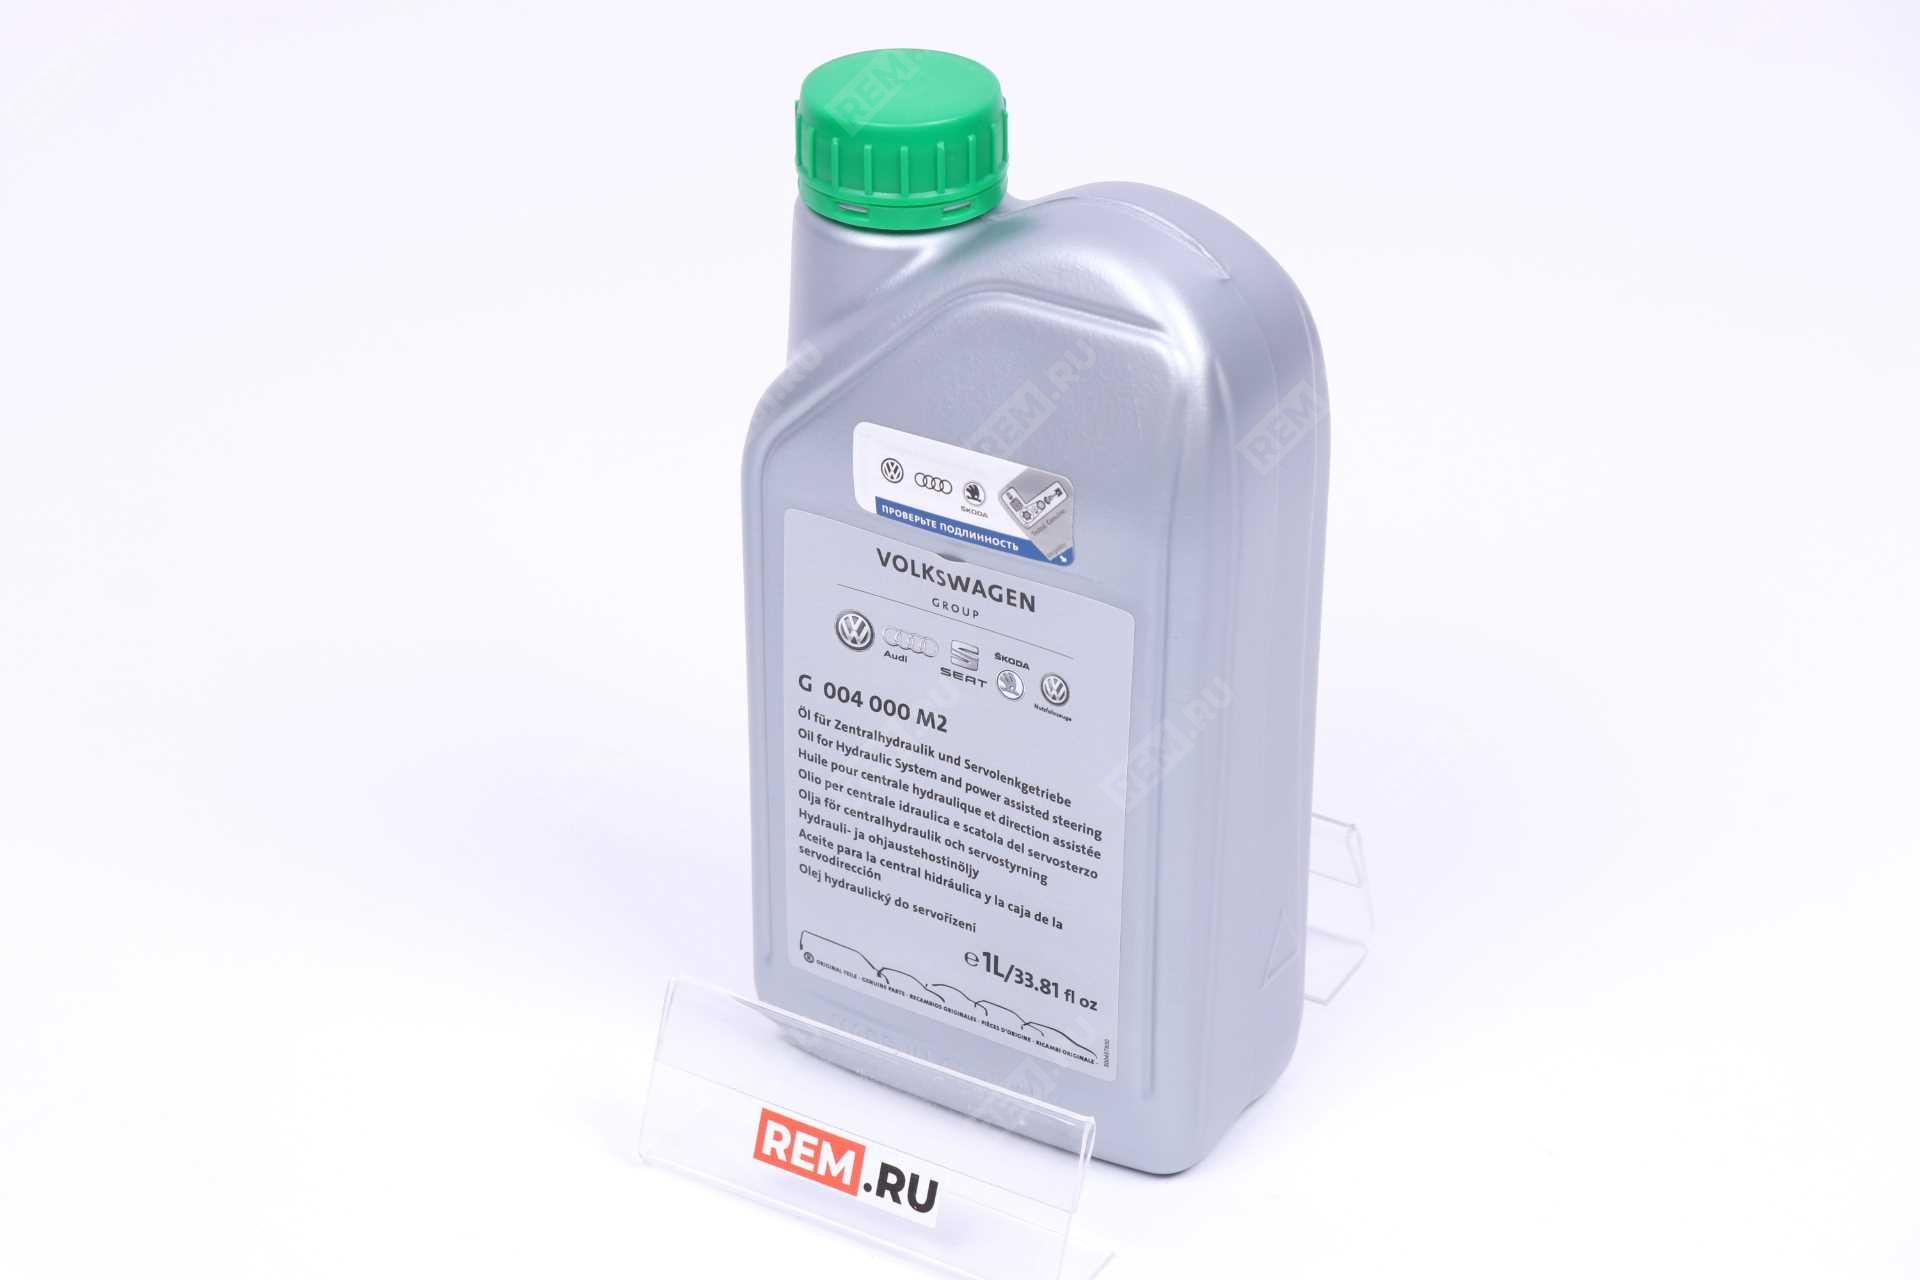 Фото Жидкость гидравлическая VAG, 1л G004000M2